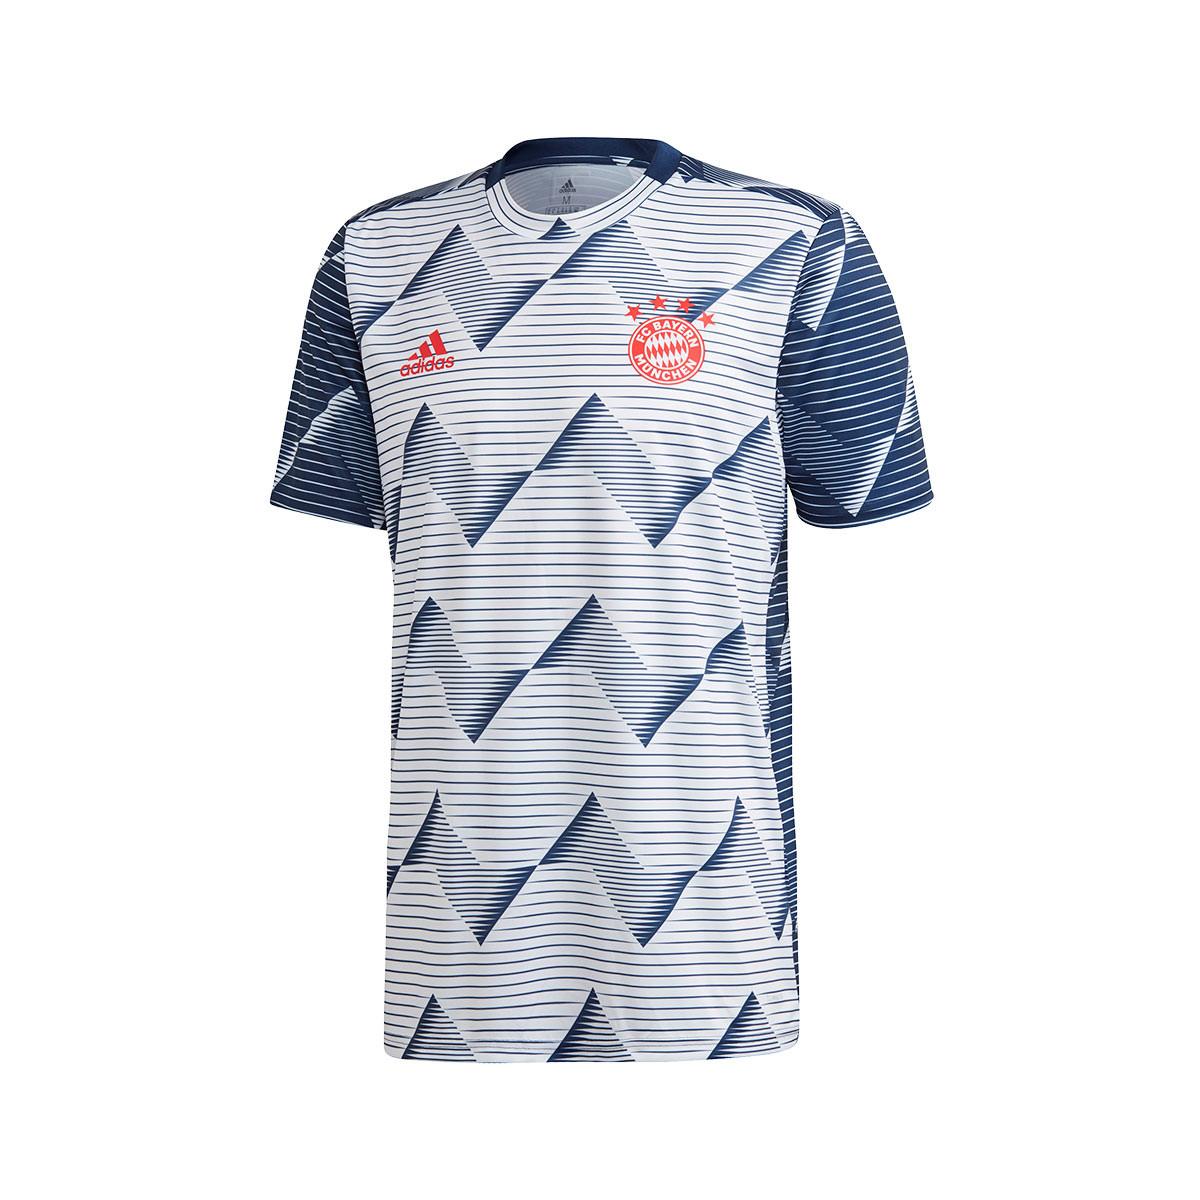 Maglia adidas FC Bayern Munich Preshi 2019-2020